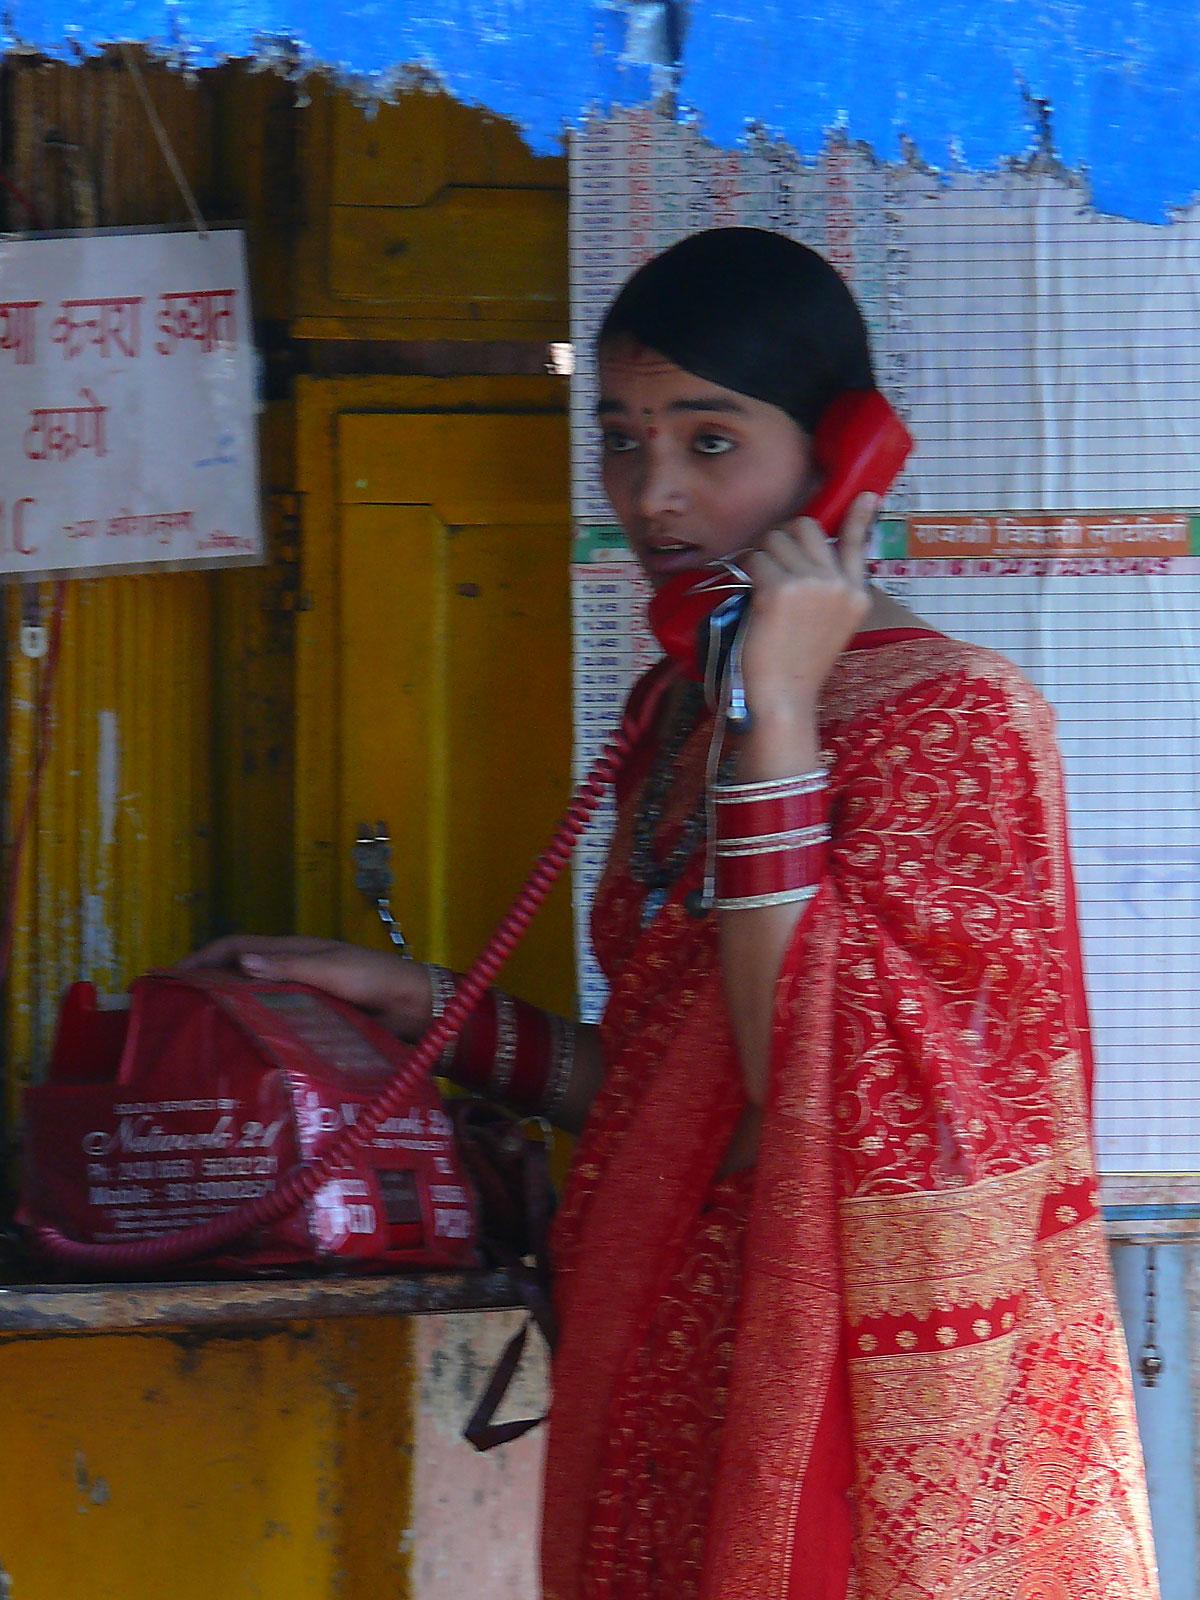 INDIEN MUMBAI Menschen Wohnen FINEST-onTour P1030390.jpg